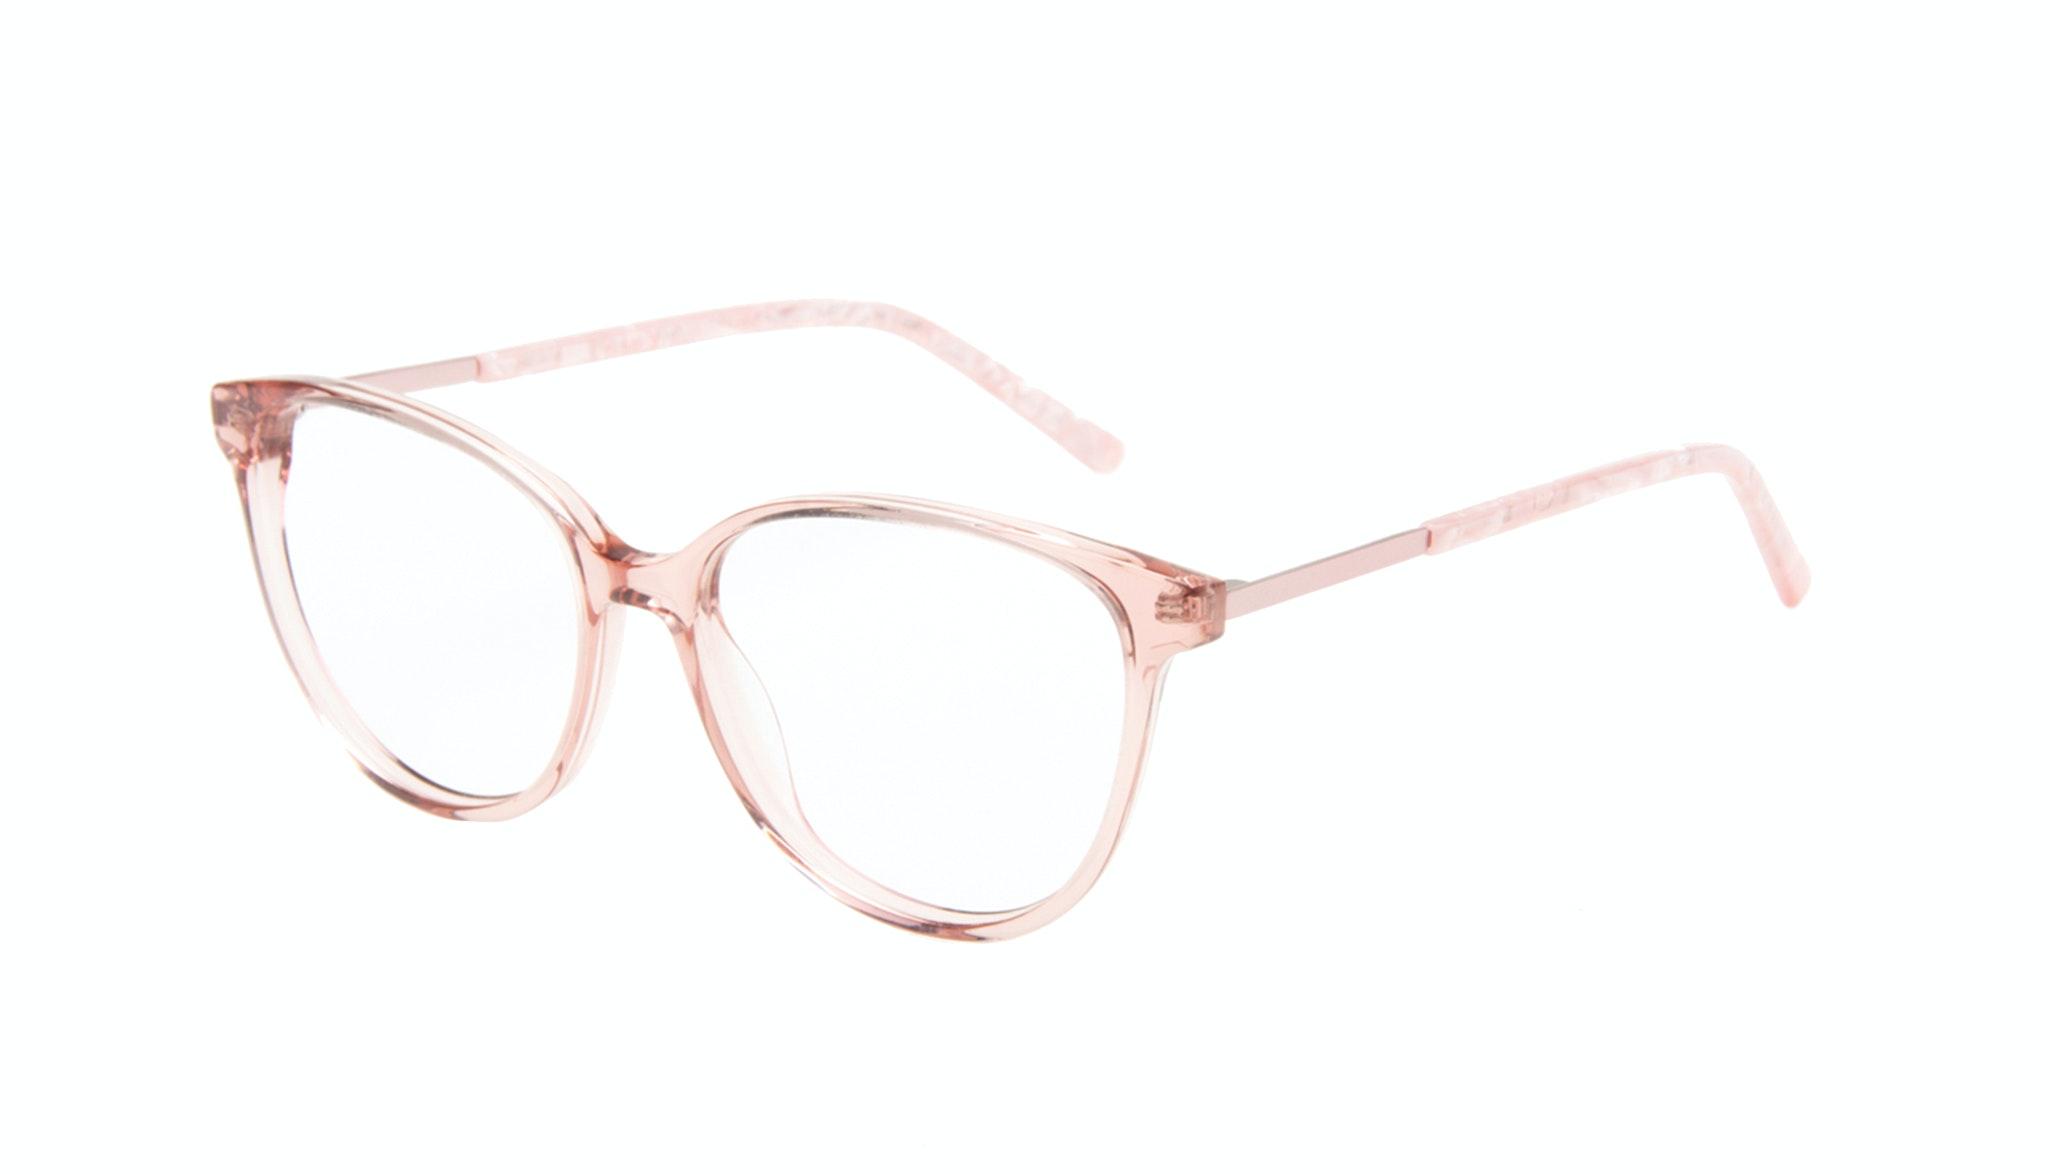 Lunettes tendance Oeil de chat Lunettes de vue Femmes Imagine II Rose Marble Incliné